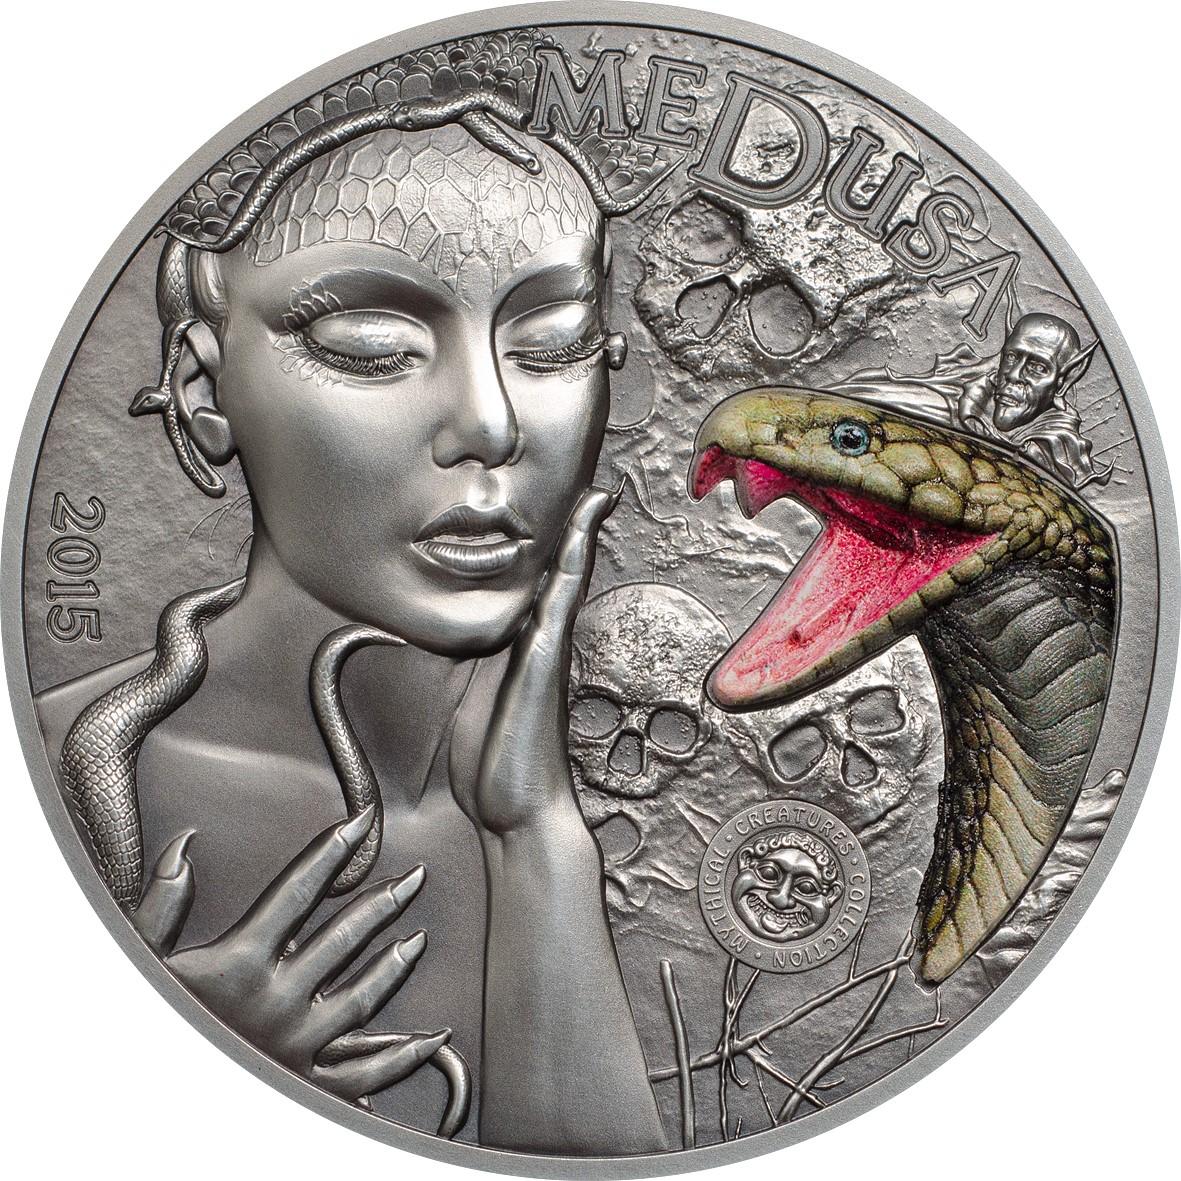 Palau - 2015 - 10 Dollars - Medusa